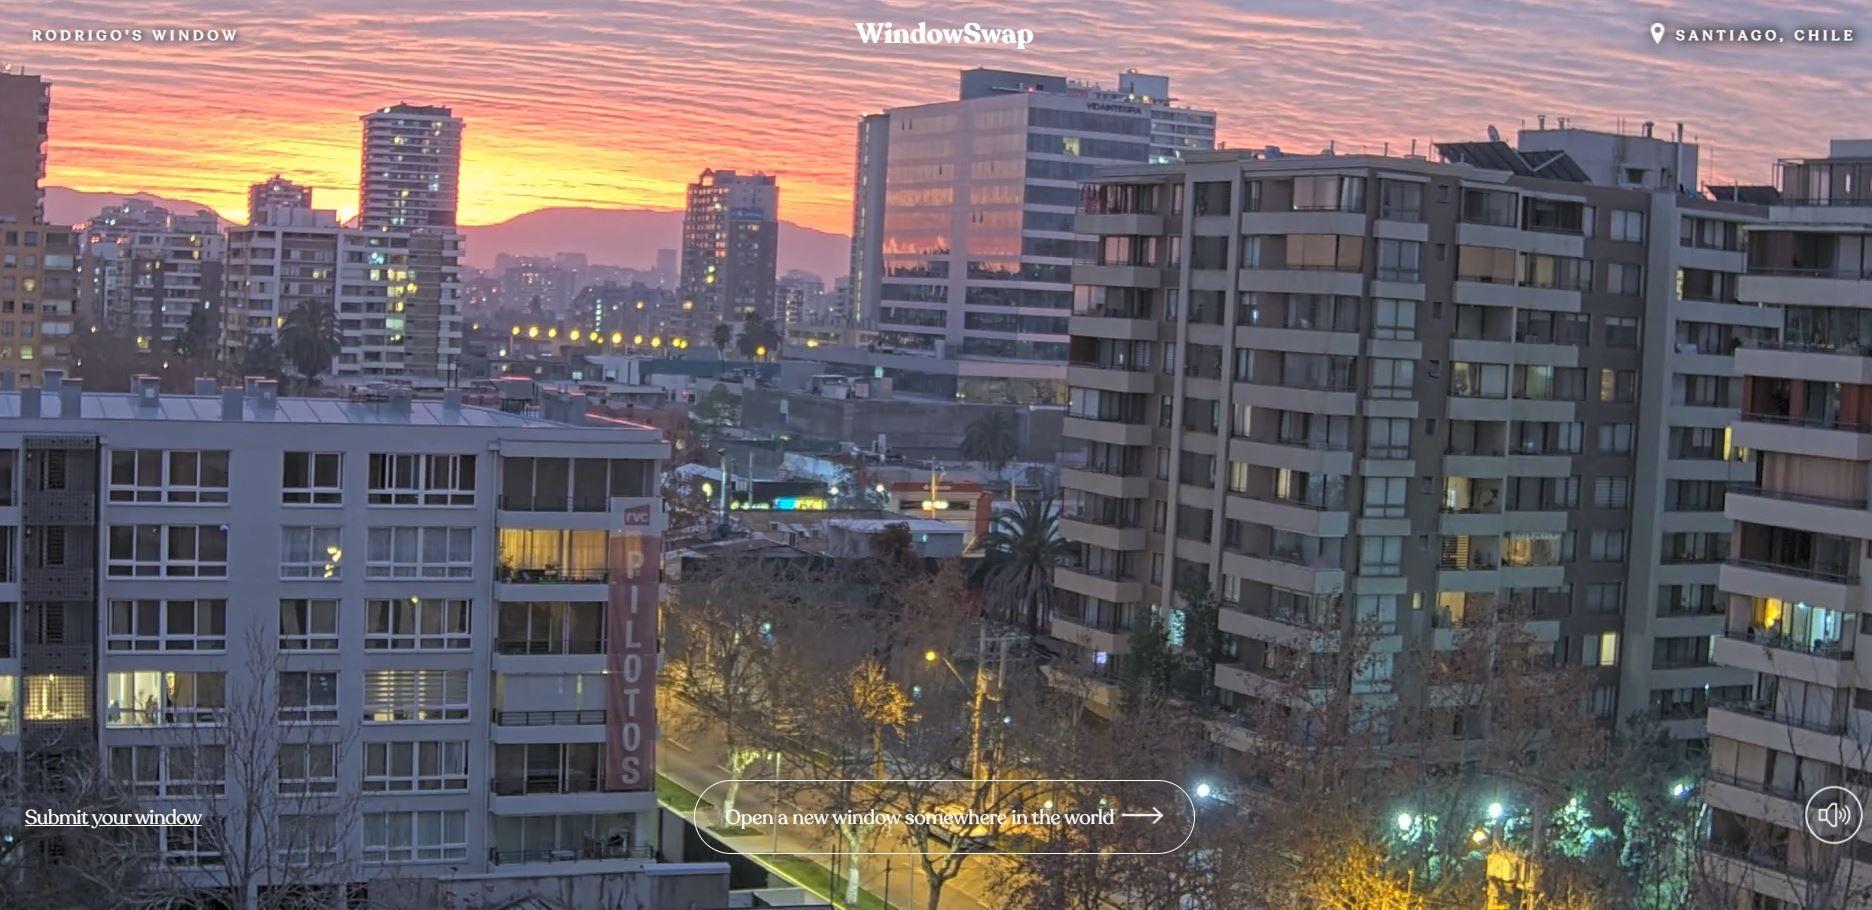 Φωτογραφία από την εφαρμογή Window Swap που δείχνει το Σνατιάγο